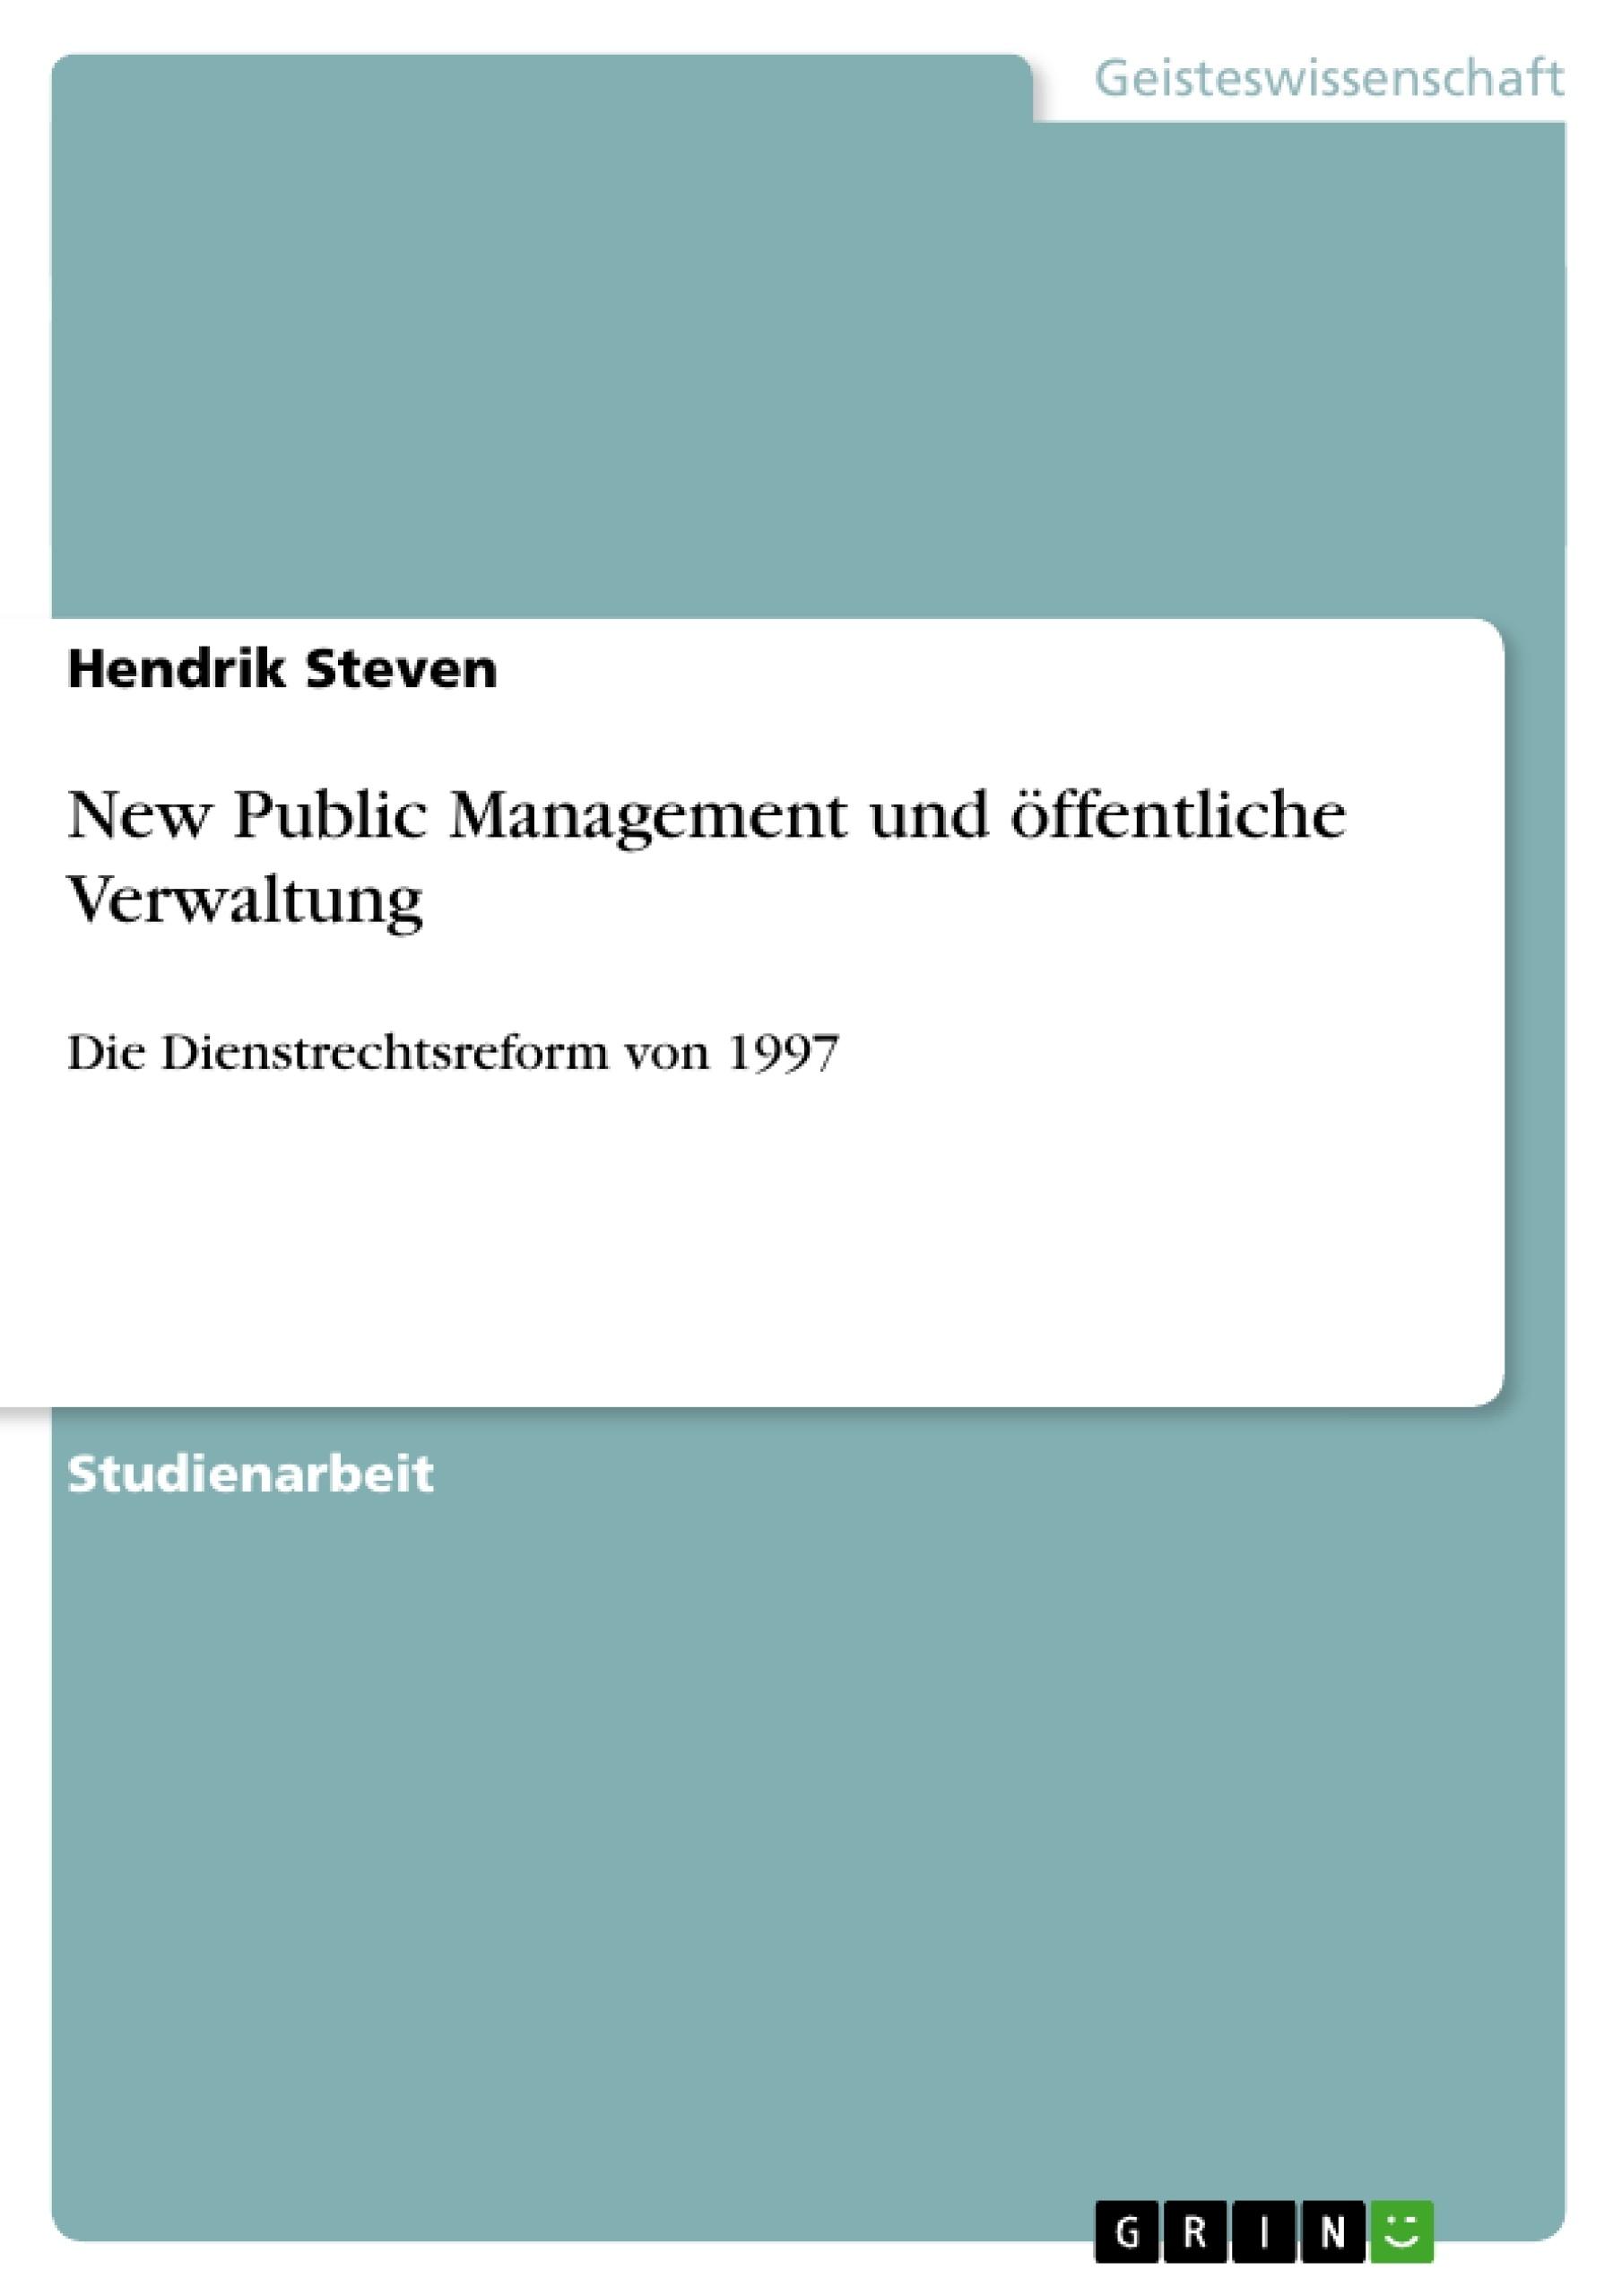 Titel: New Public Management und öffentliche Verwaltung